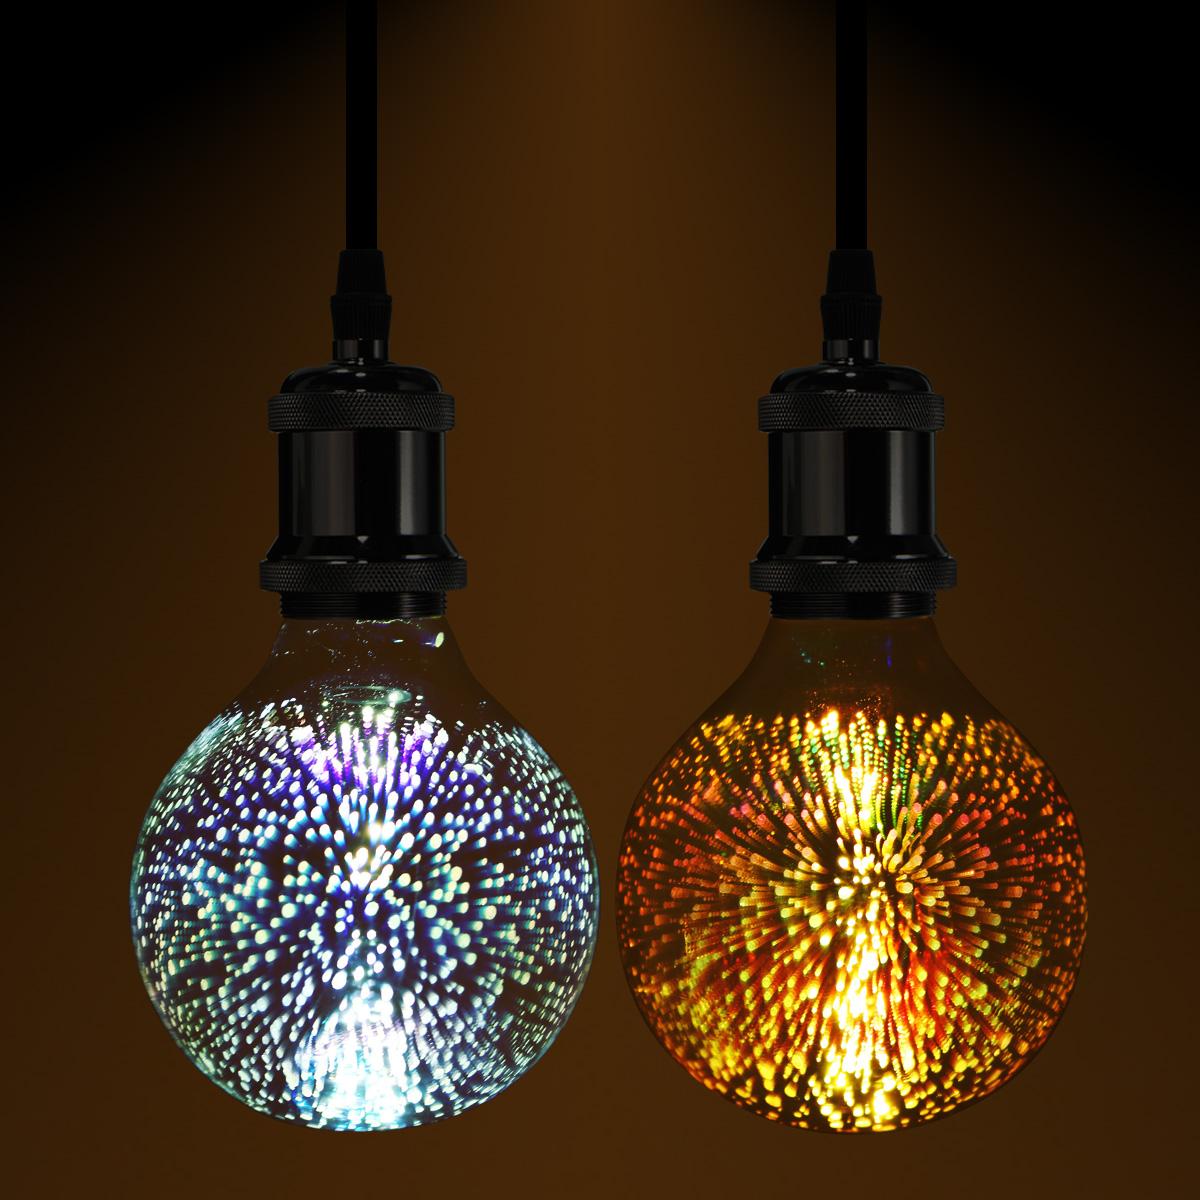 Decorative Lamps: 3D Fireworks E27 G80 LED Retro Edison Decorative Light